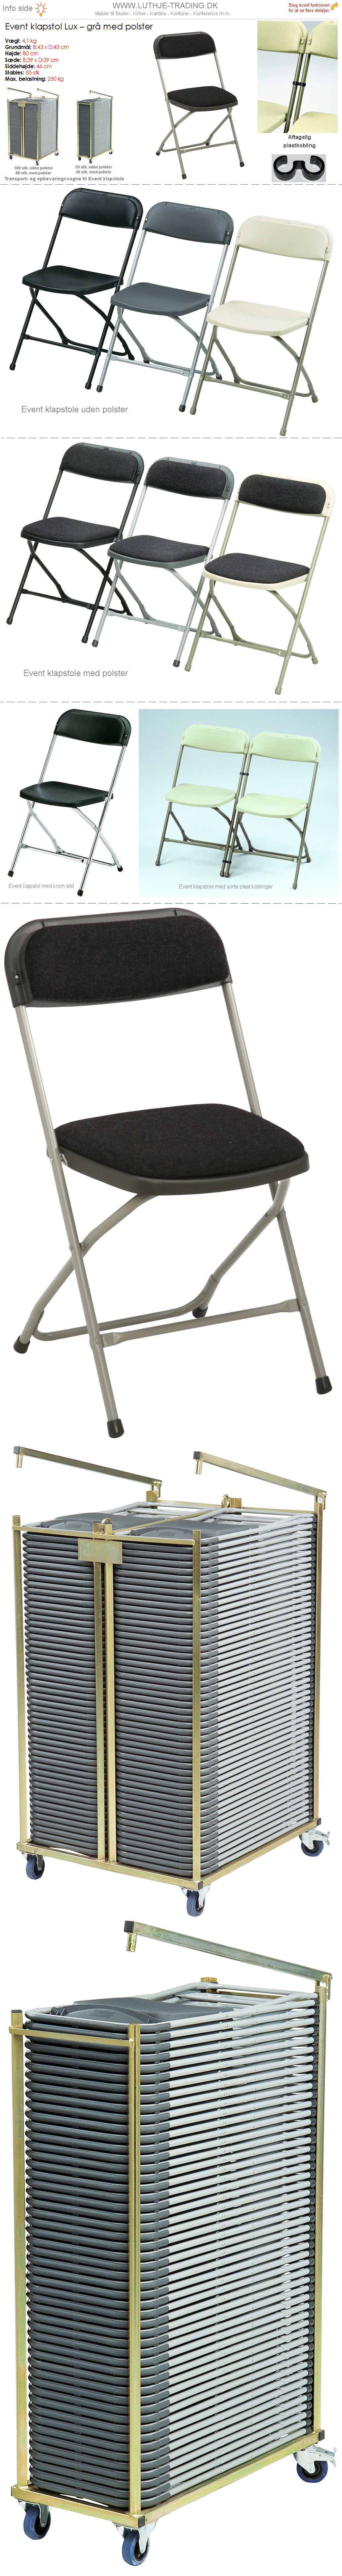 Klapstol Event grå plast og stel. Polster på sæde og ryg. Der findes en transport- og opbevaringsvogn til denne klapstol. Vi giver gerne et godt tilbud på denne klapstol.